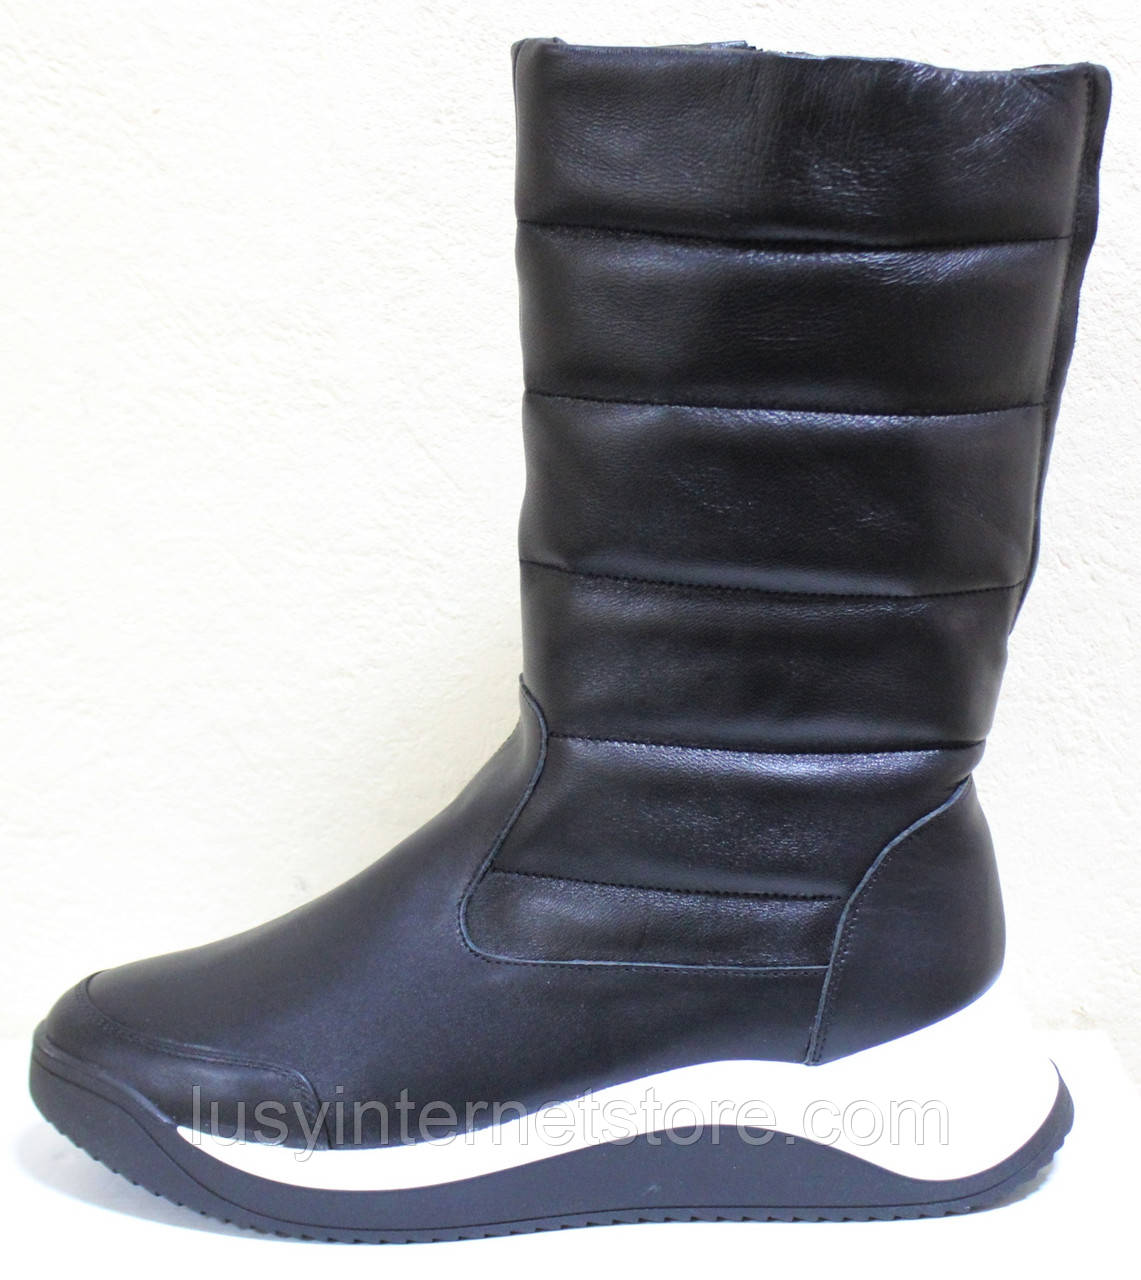 Сапоги женские кожаные зимние, дутики от производителя модель КЛ222-2